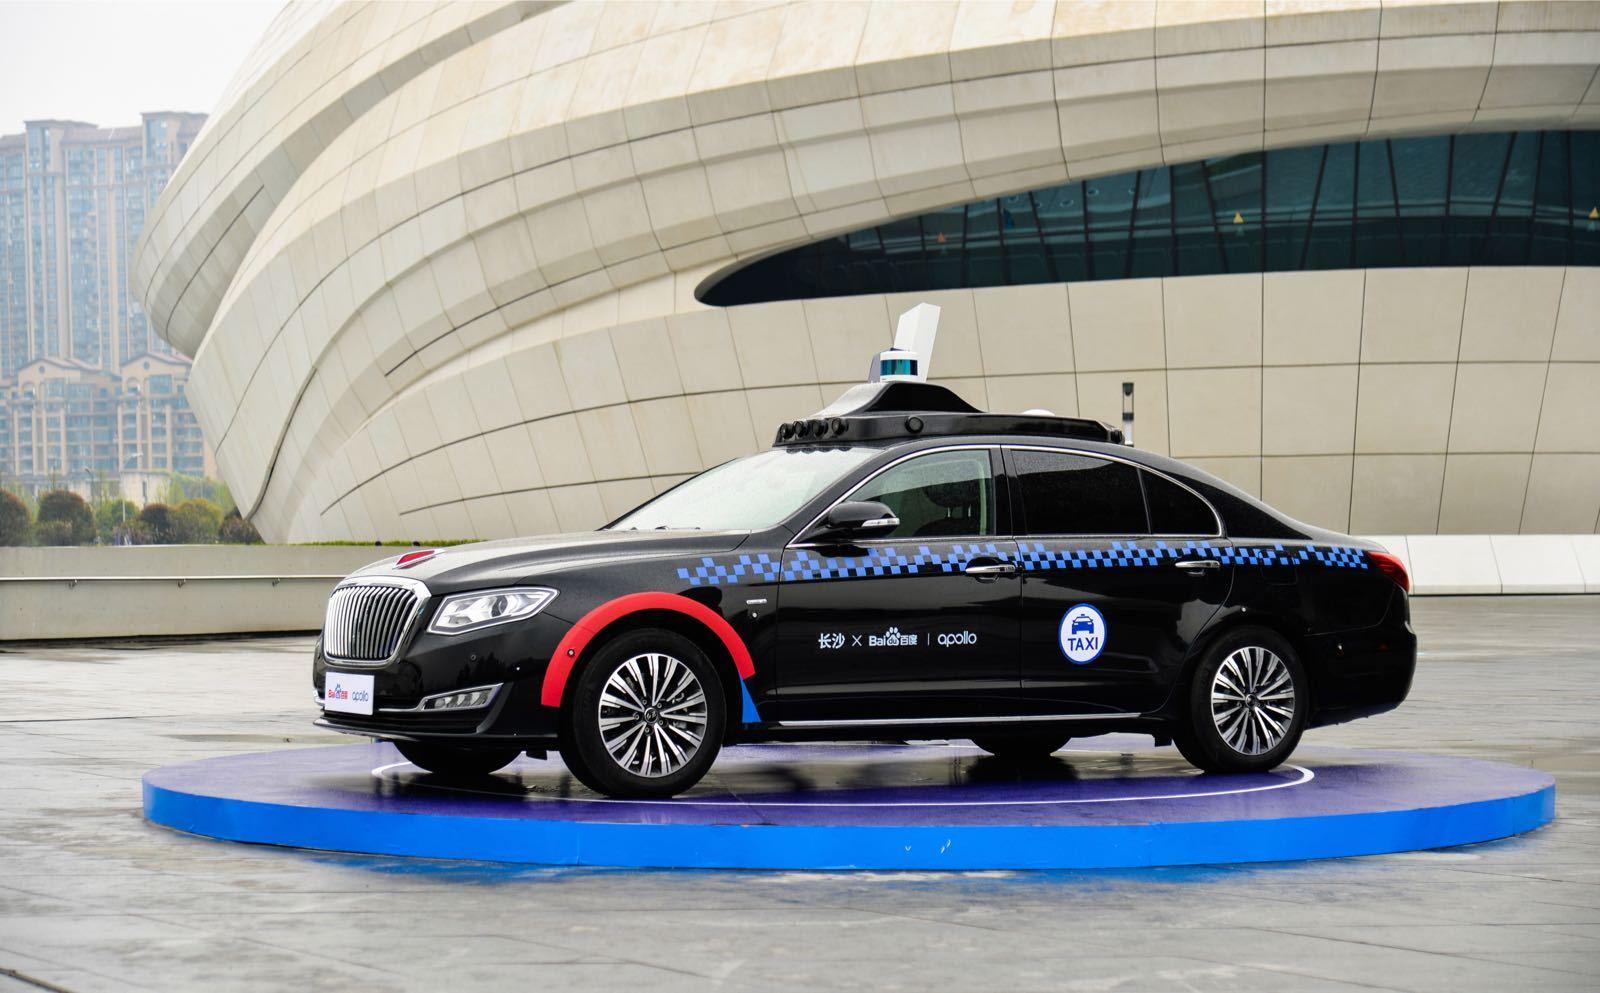 自动驾驶于斯为盛,长沙为什么能成为中国自动驾驶第一城?